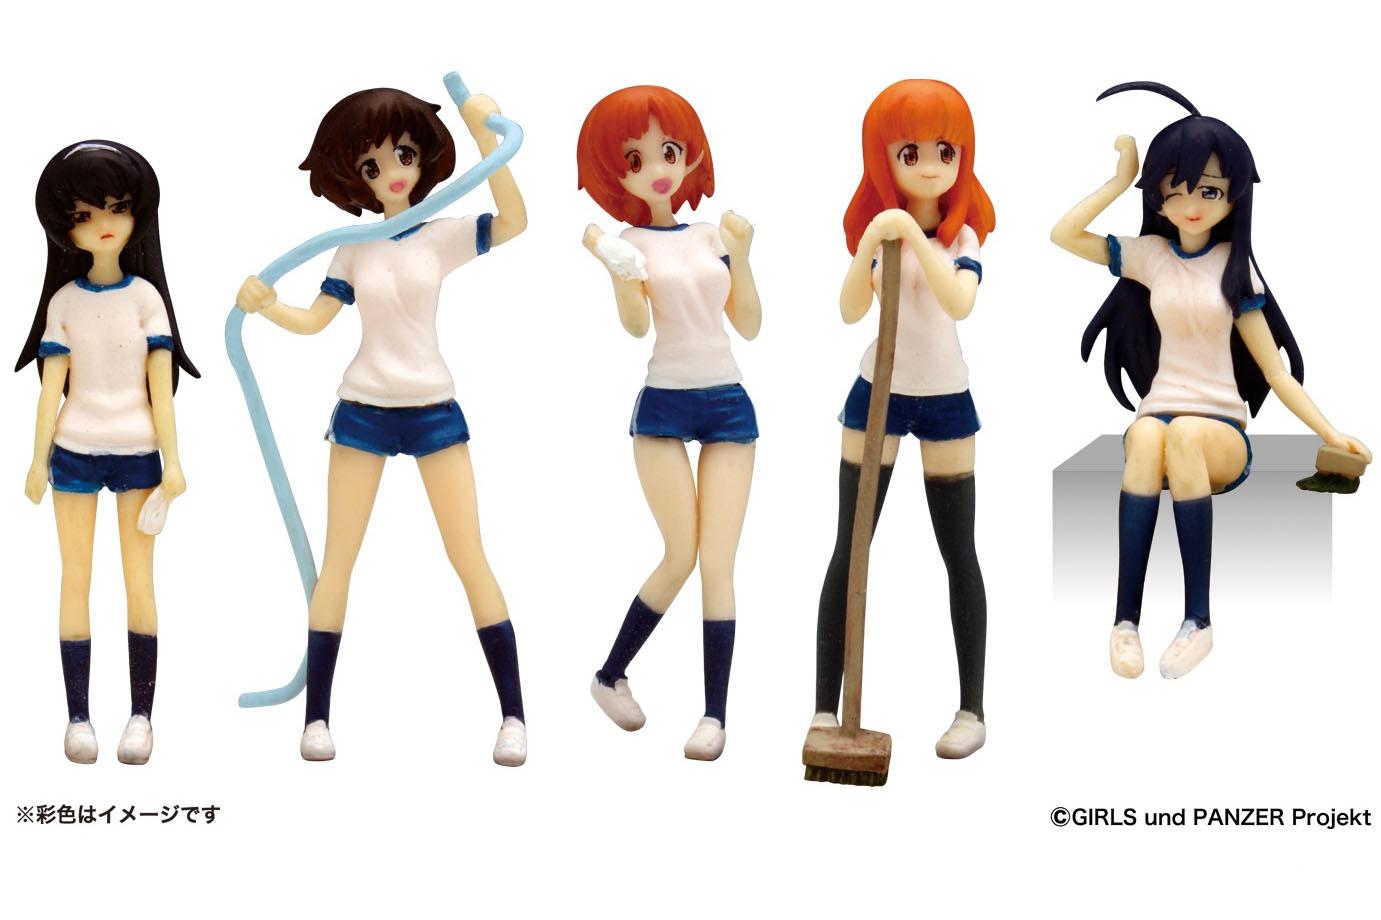 1/35 Girls und Panzer Ankou Team Figure Set Cleaning Ver.